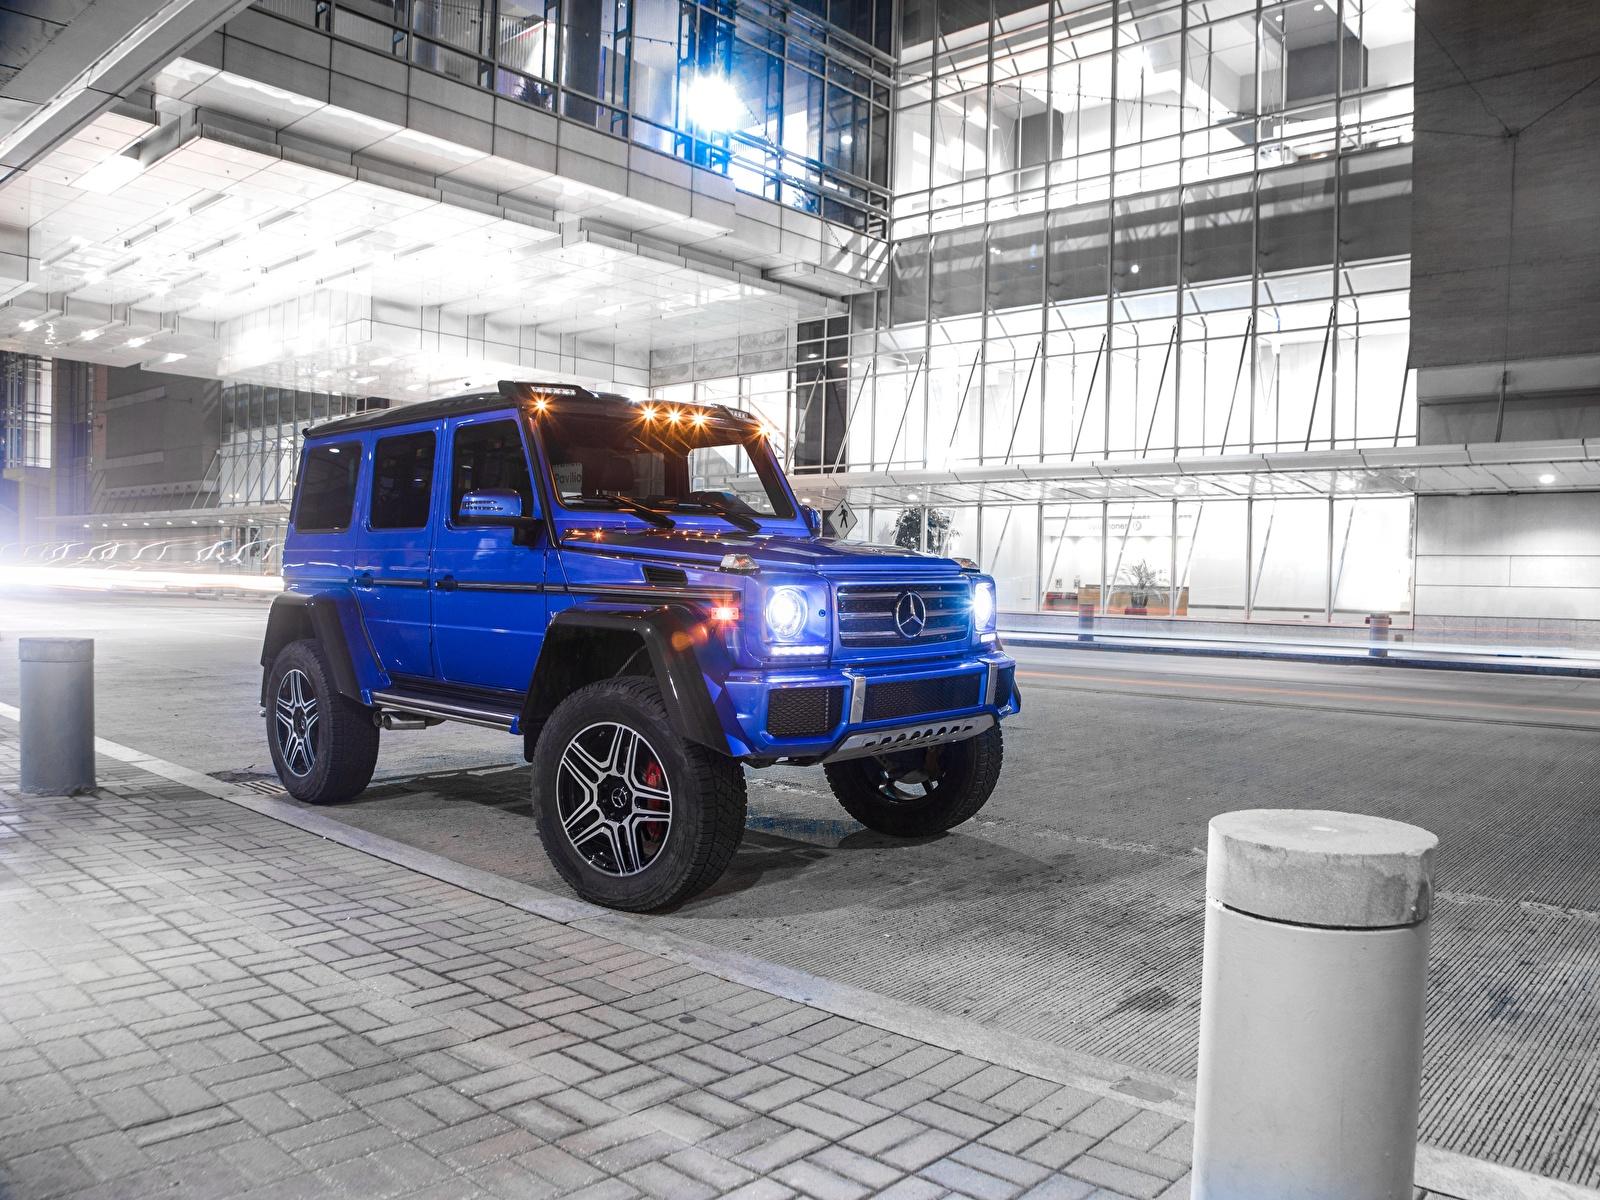 Фотография Мерседес бенц Гелентваген 2017 G 550 4×4² Синий Автомобили 1600x1200 Mercedes-Benz G-класс синих синие синяя Авто Машины